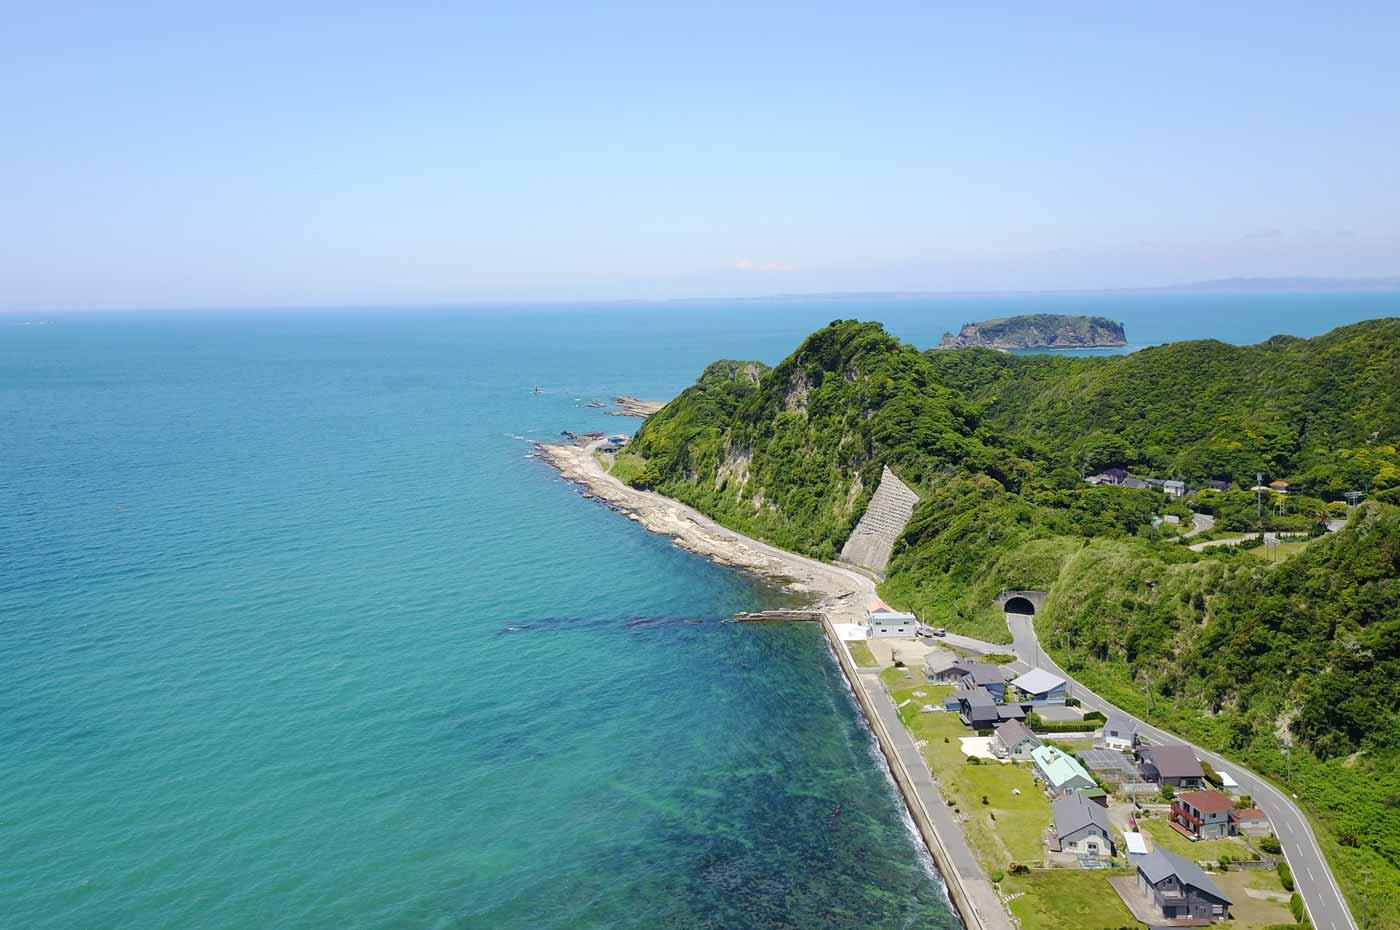 岩井海水浴場から西ヶ崎を望む(空撮)